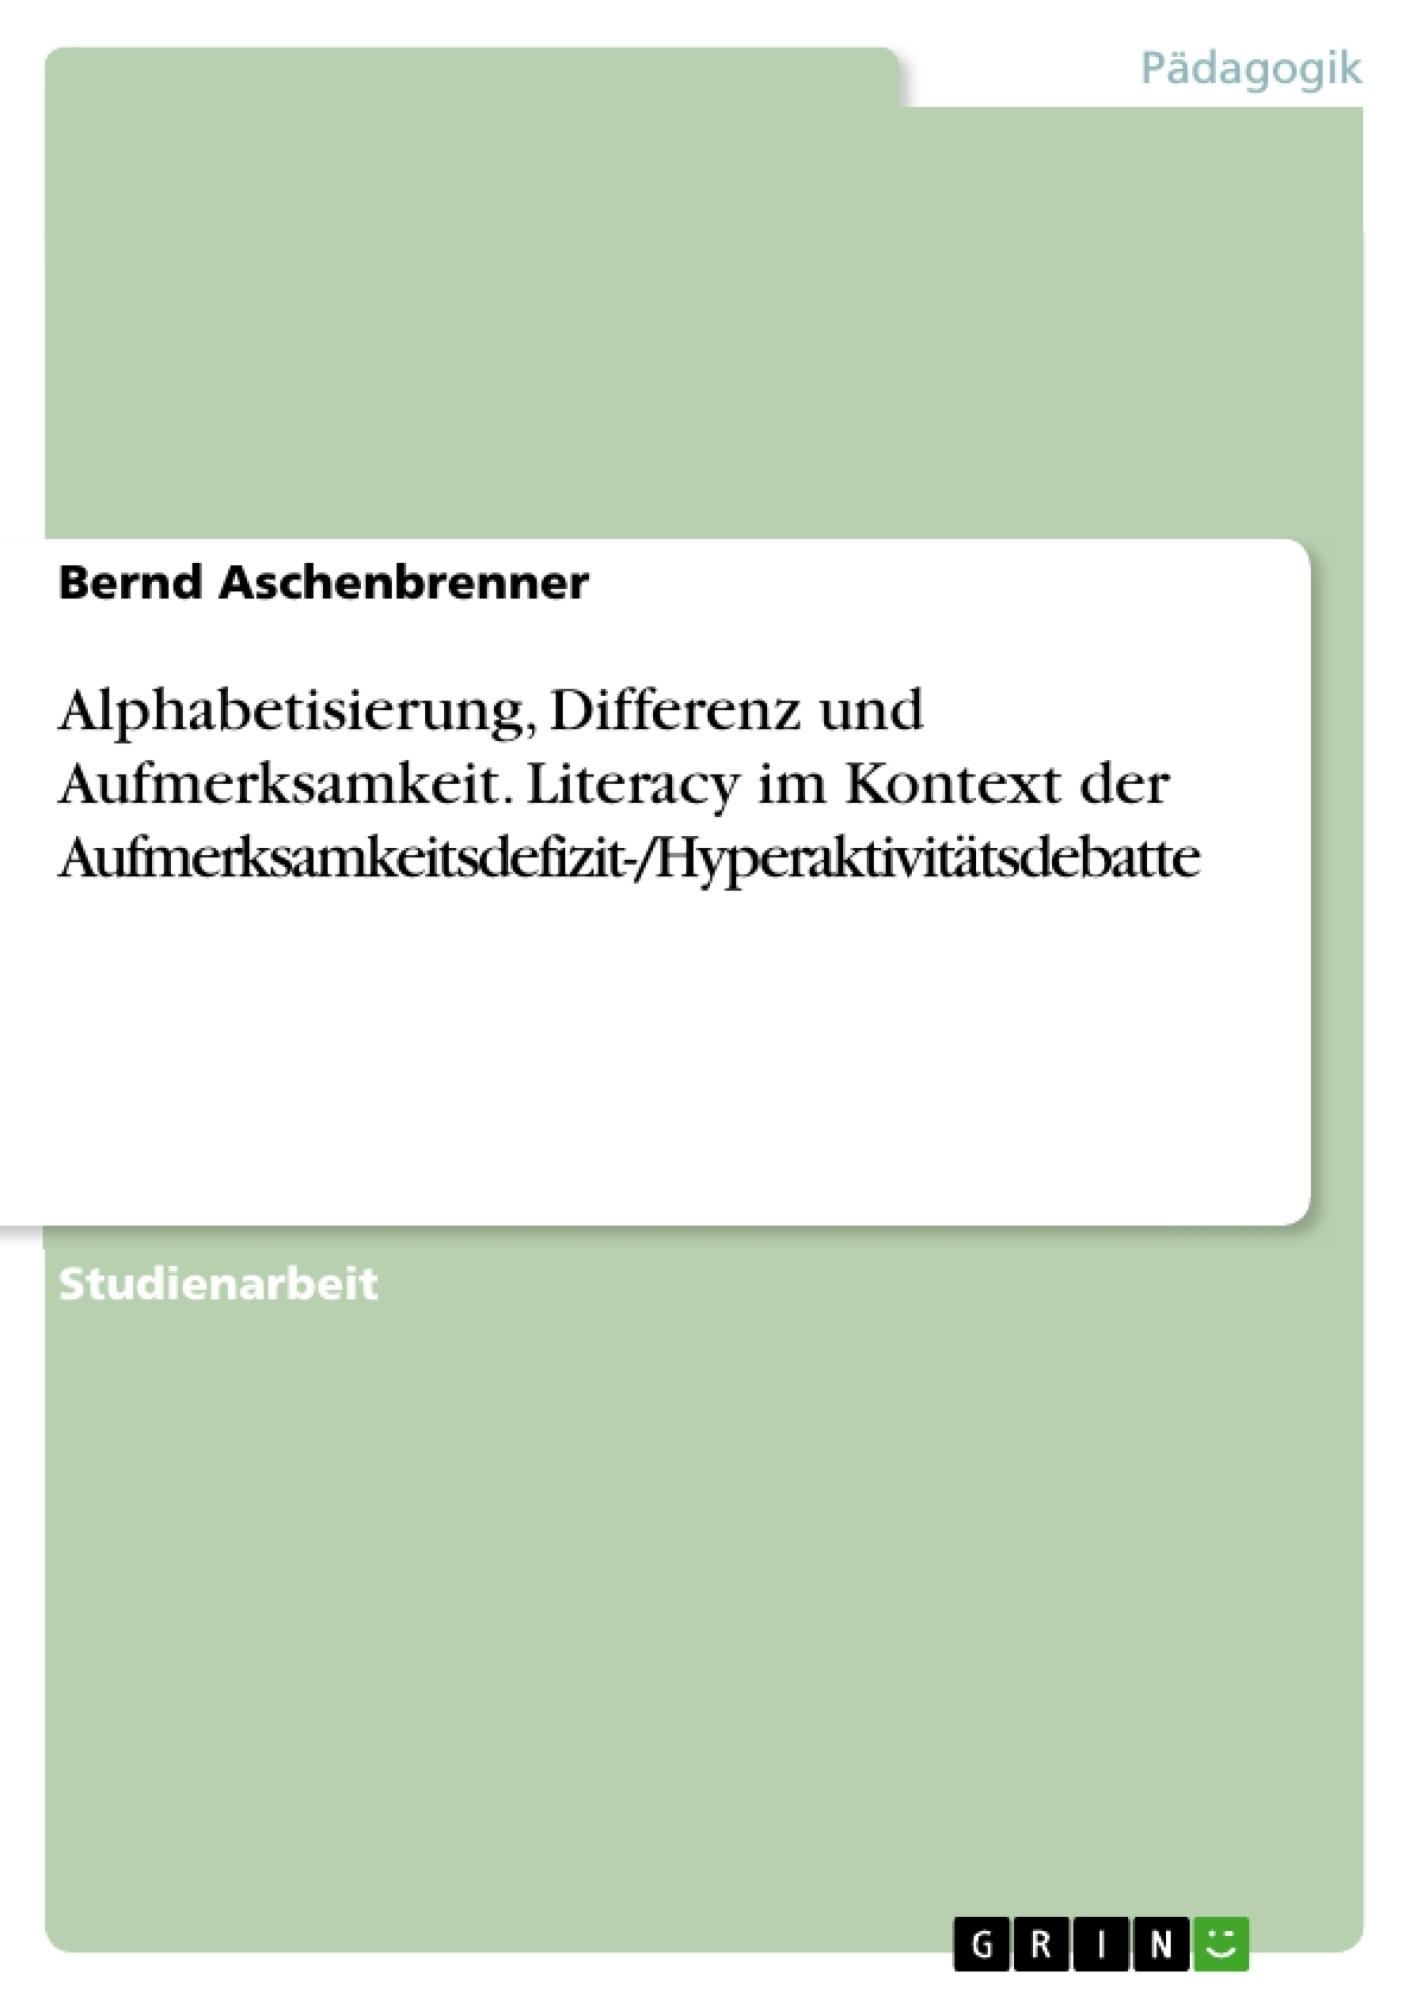 Titel: Alphabetisierung, Differenz und Aufmerksamkeit. Literacy im Kontext der Aufmerksamkeitsdefizit-/Hyperaktivitätsdebatte